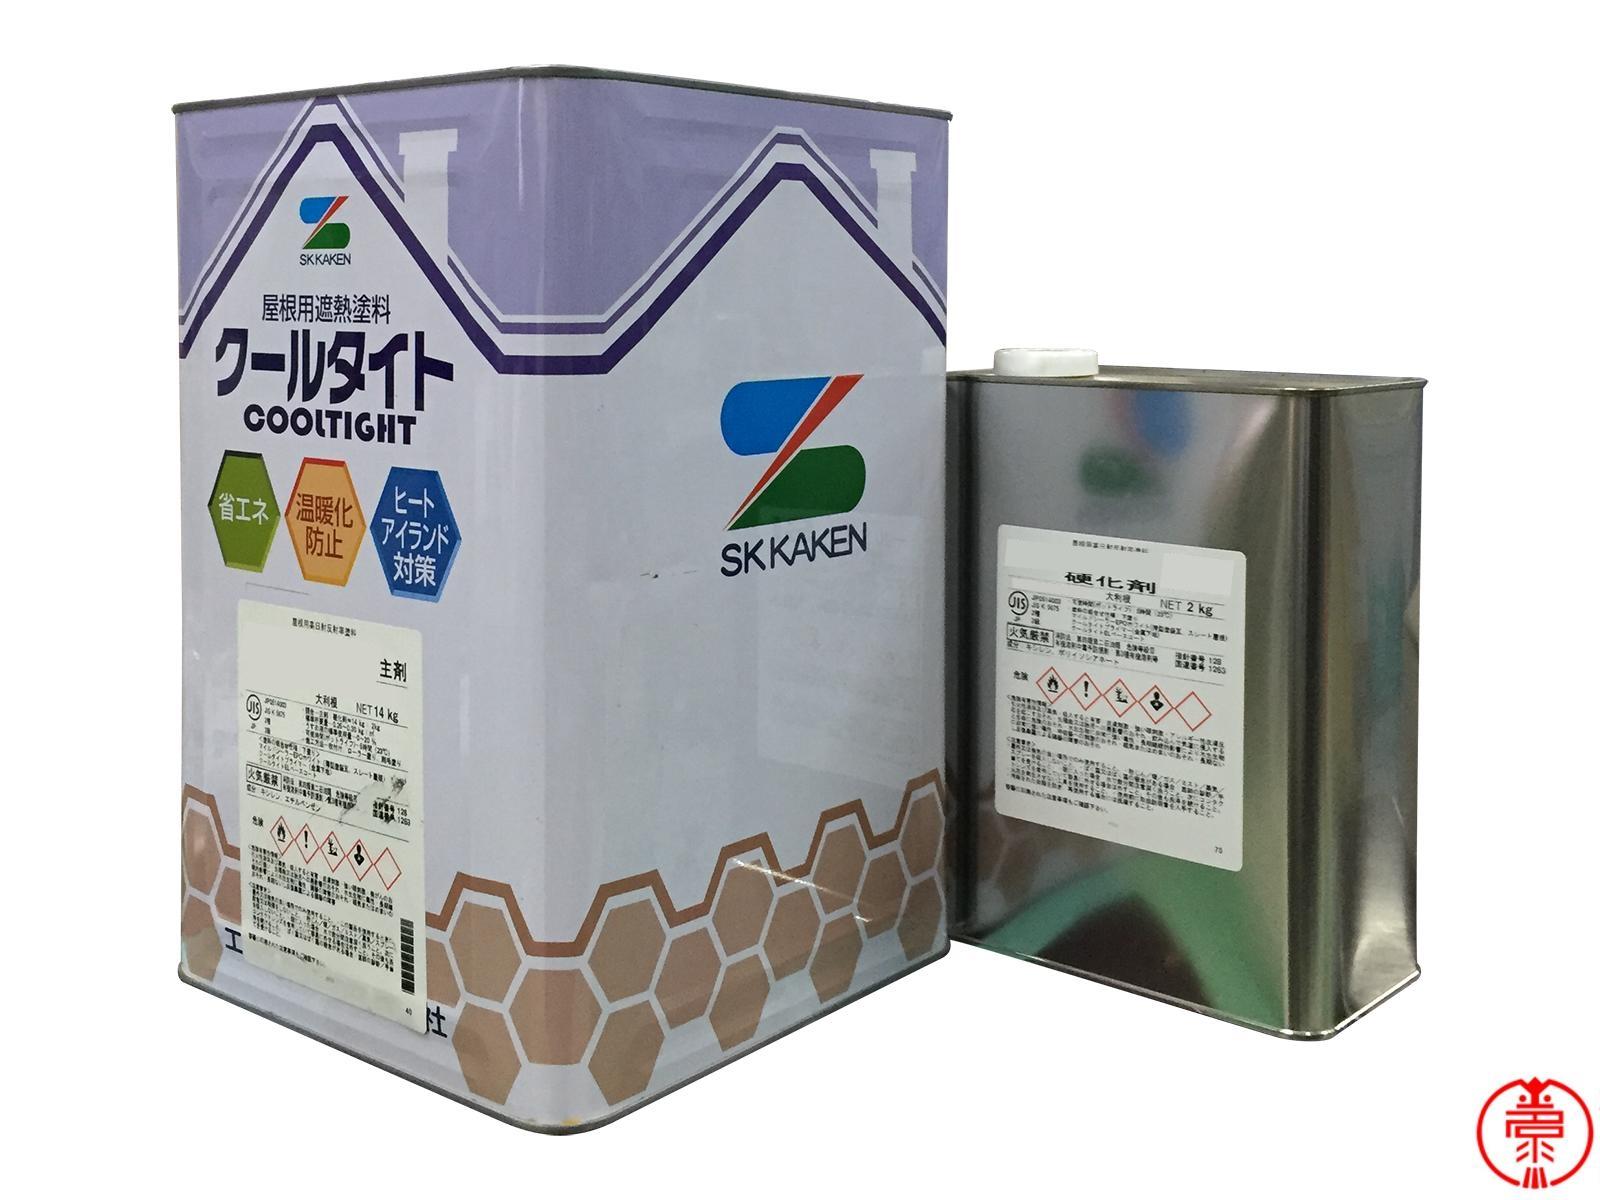 【送料無料】クールタイト 標準色 16Kgセット エスケー化研 屋根用遮熱塗料